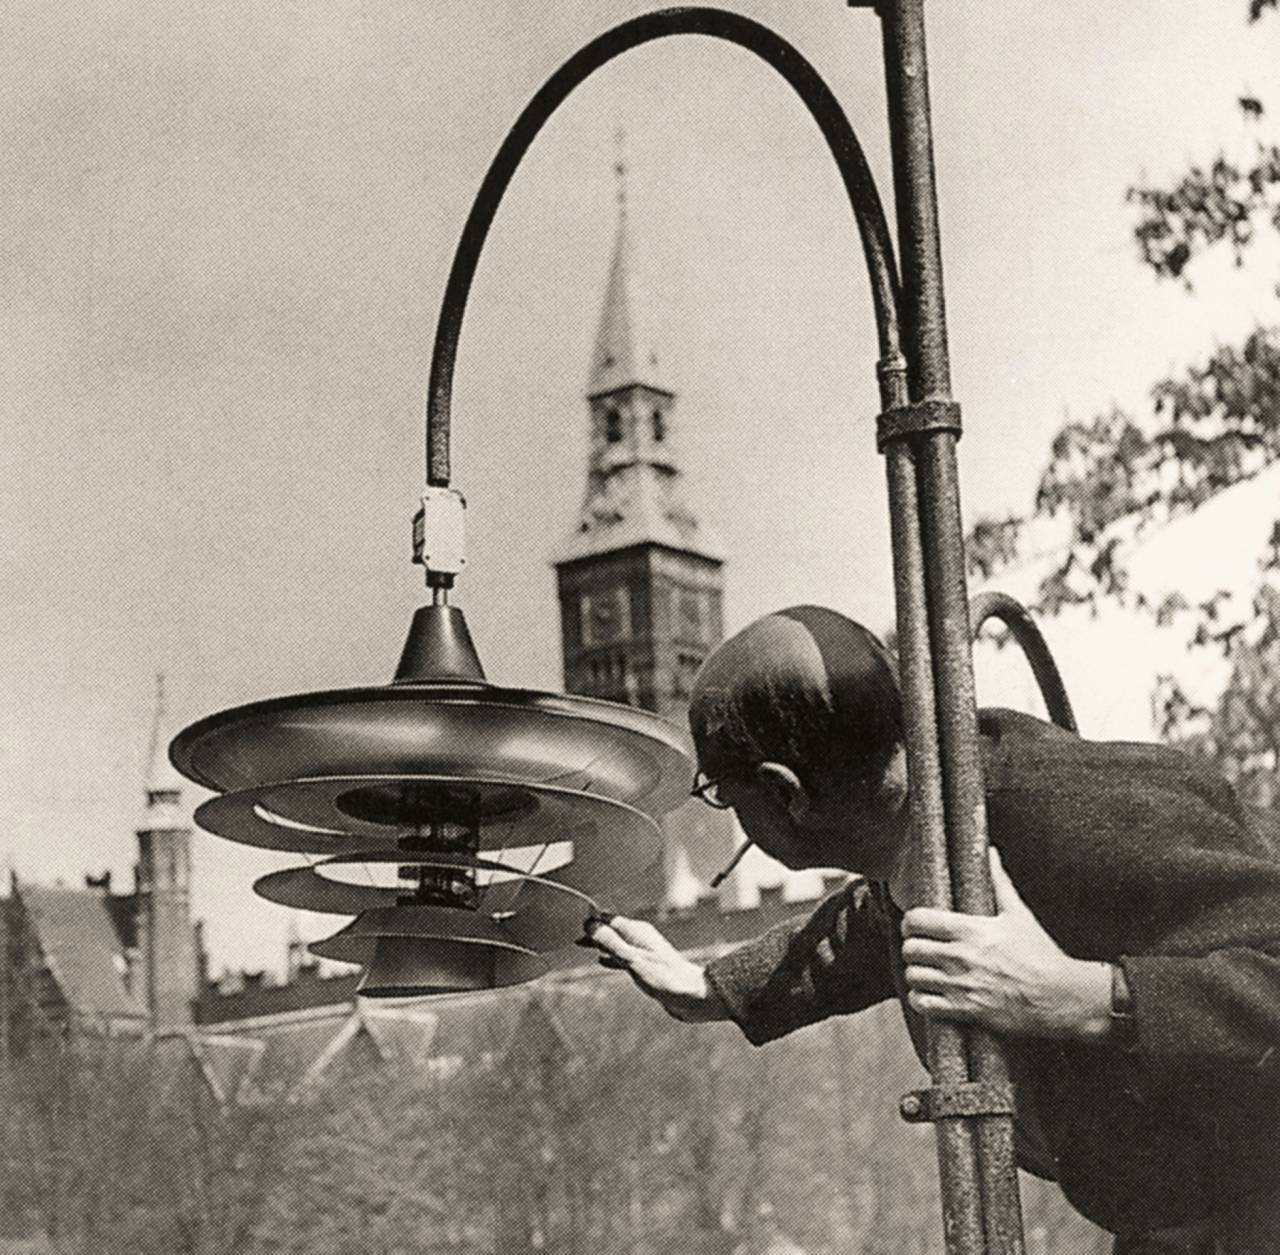 Poul Henningsen tänder en av sina lampor i nöjesparken Tivoli